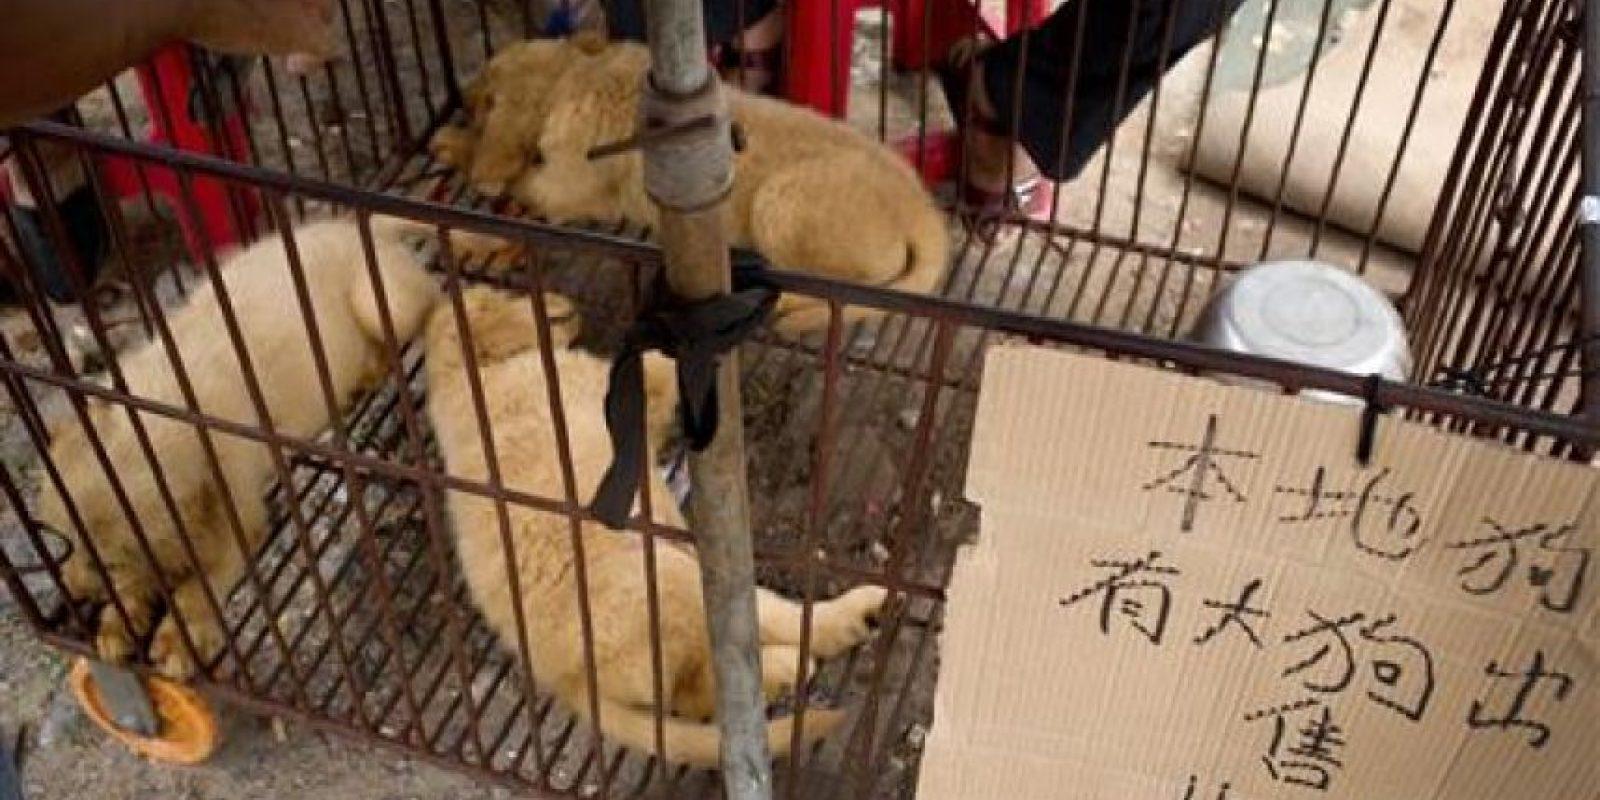 Esto recuerda al Festival de Carne de Yulin, en China, una de las tradiciones asiáticas más criticadas en el mundo Foto:AP